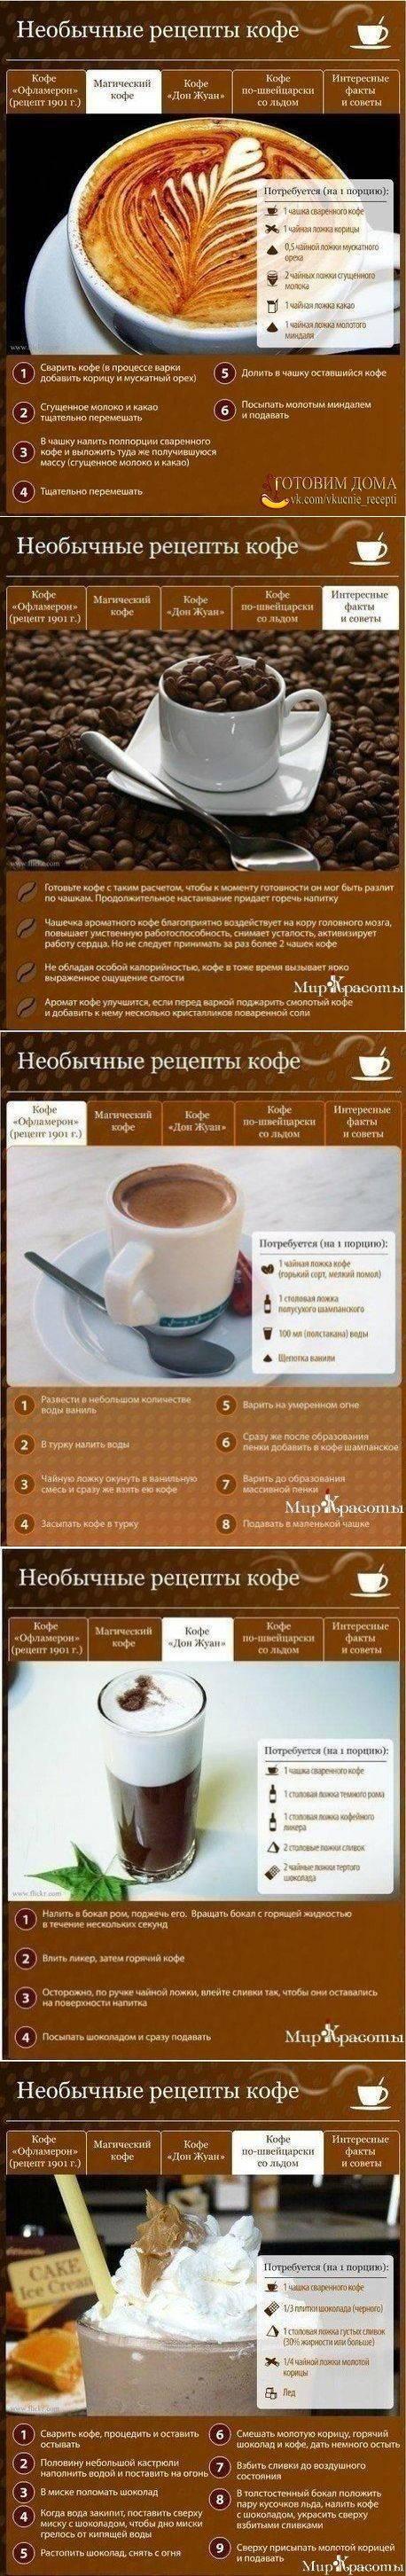 10 самых необычных рецептов кофе, которые поразят кофеманов